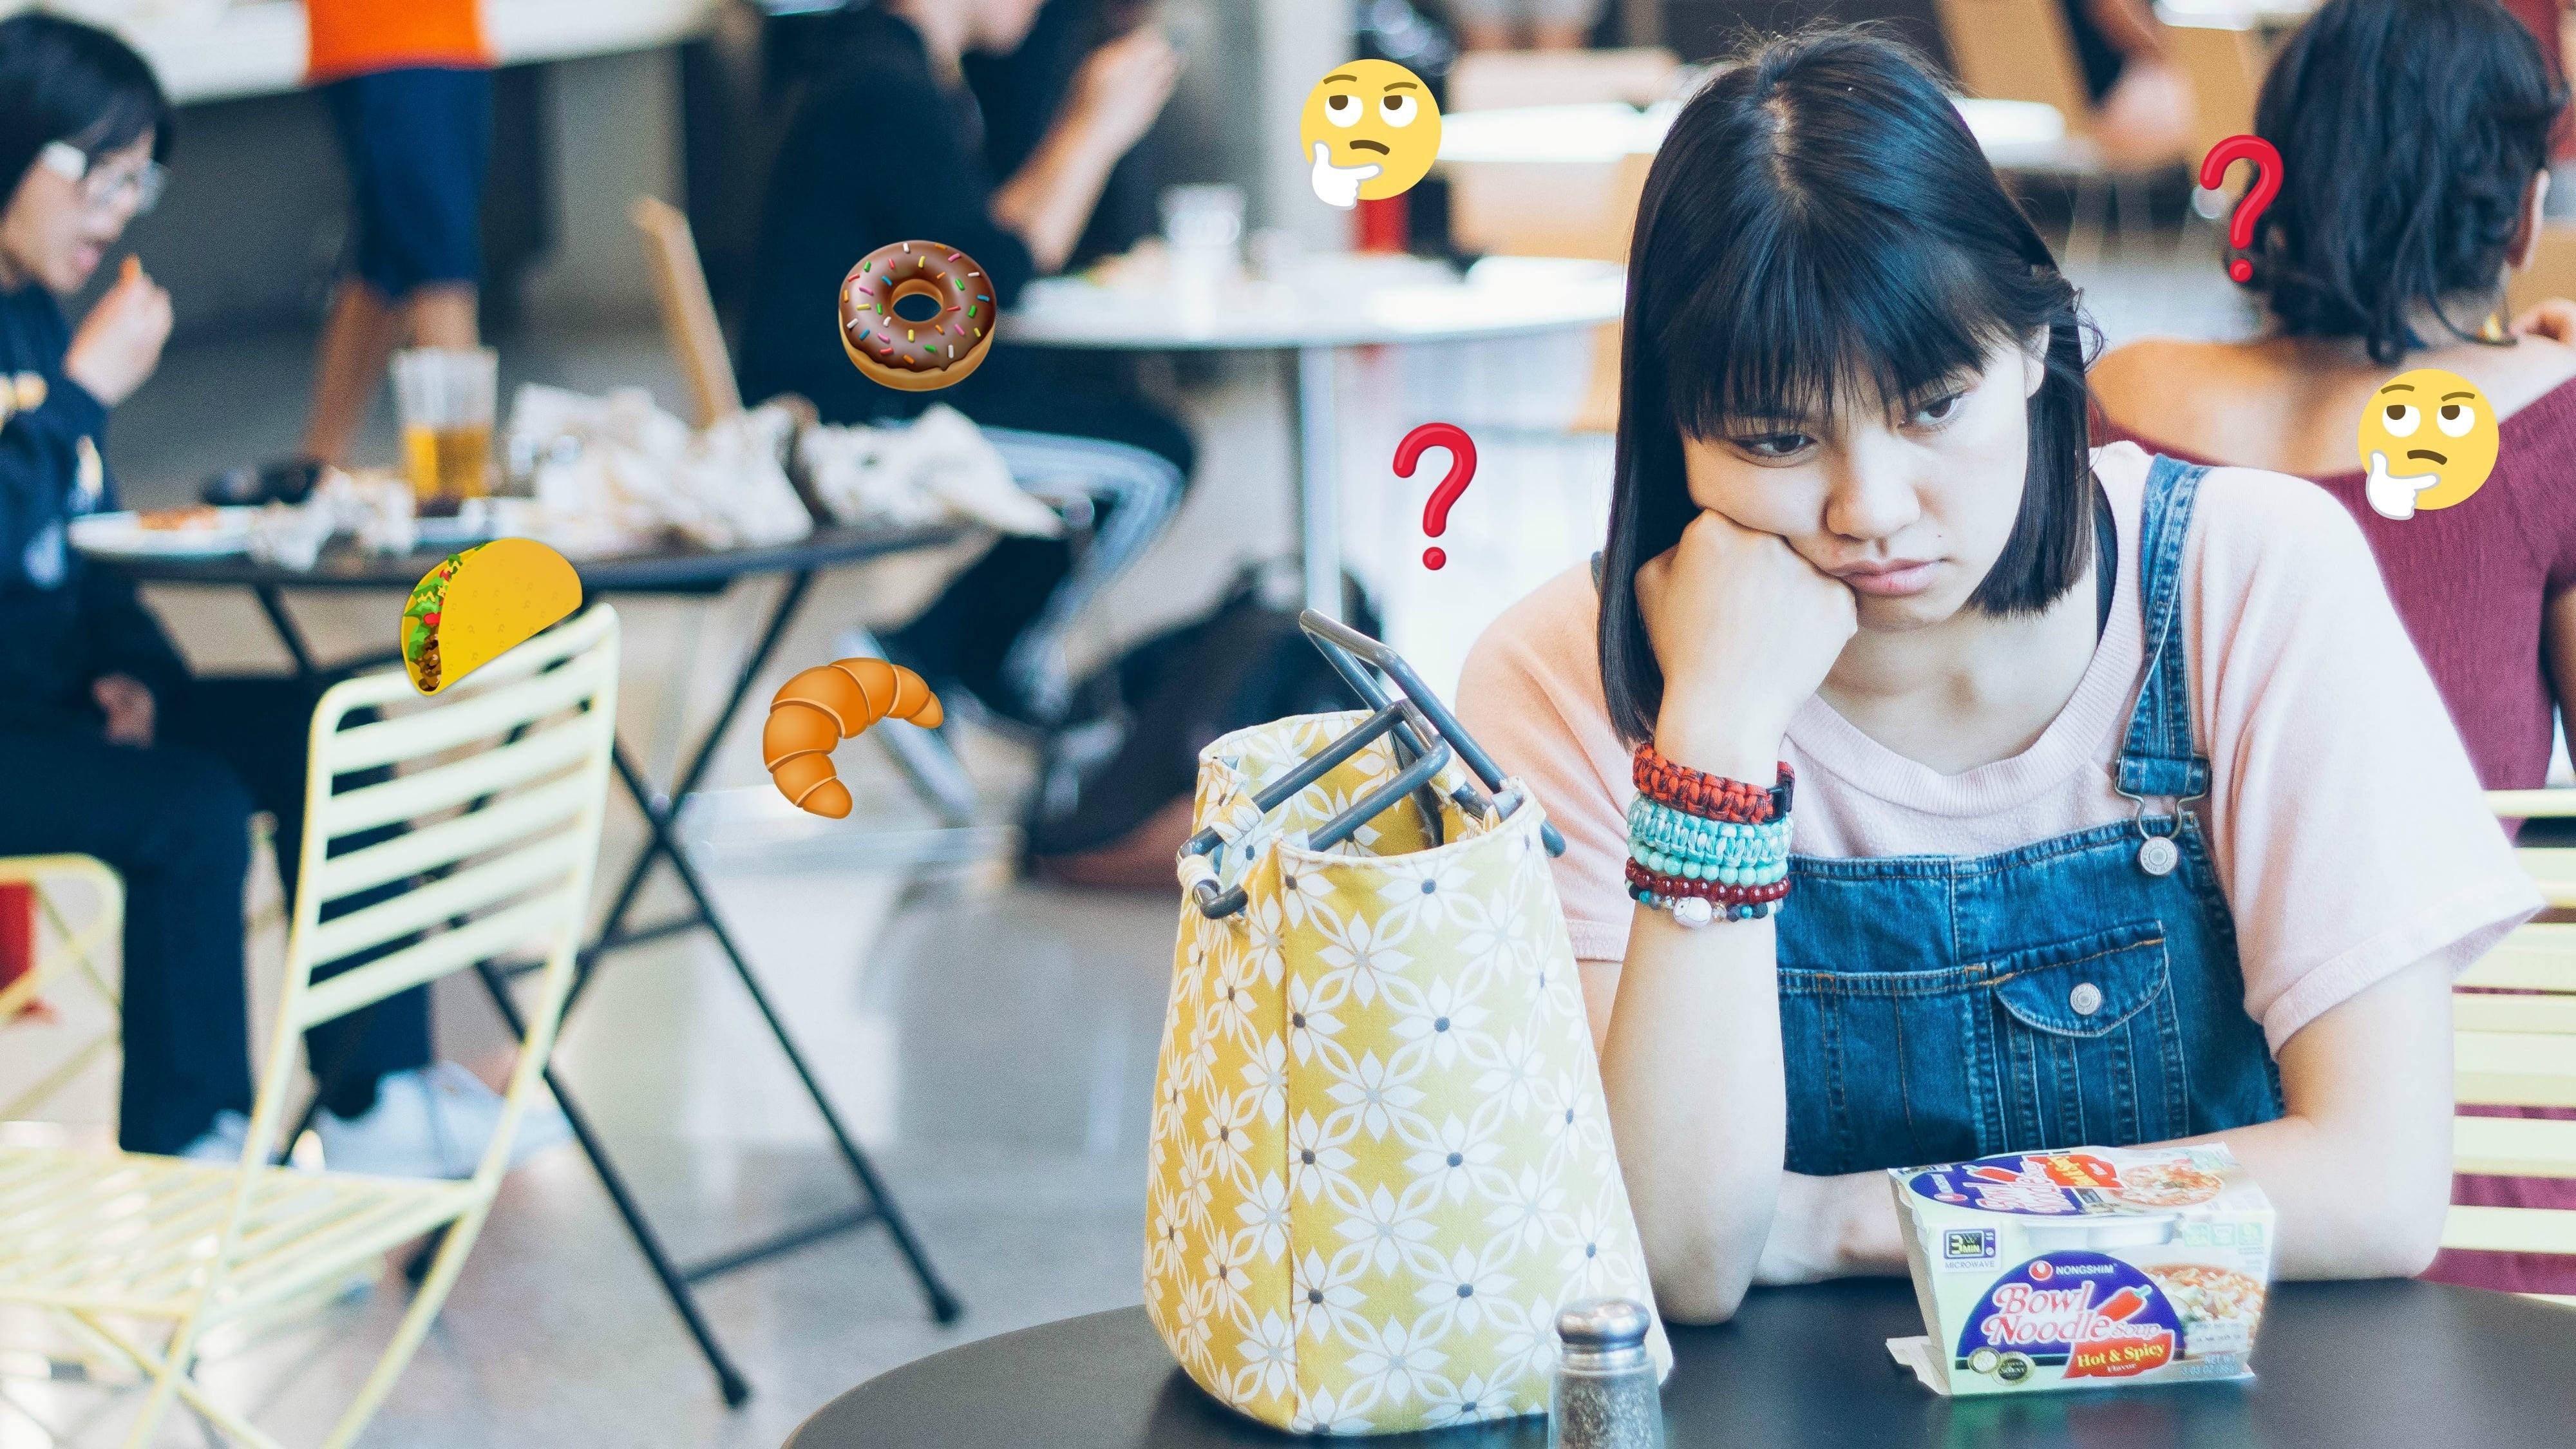 7 вопросов о здоровом питании, которые некому было задать